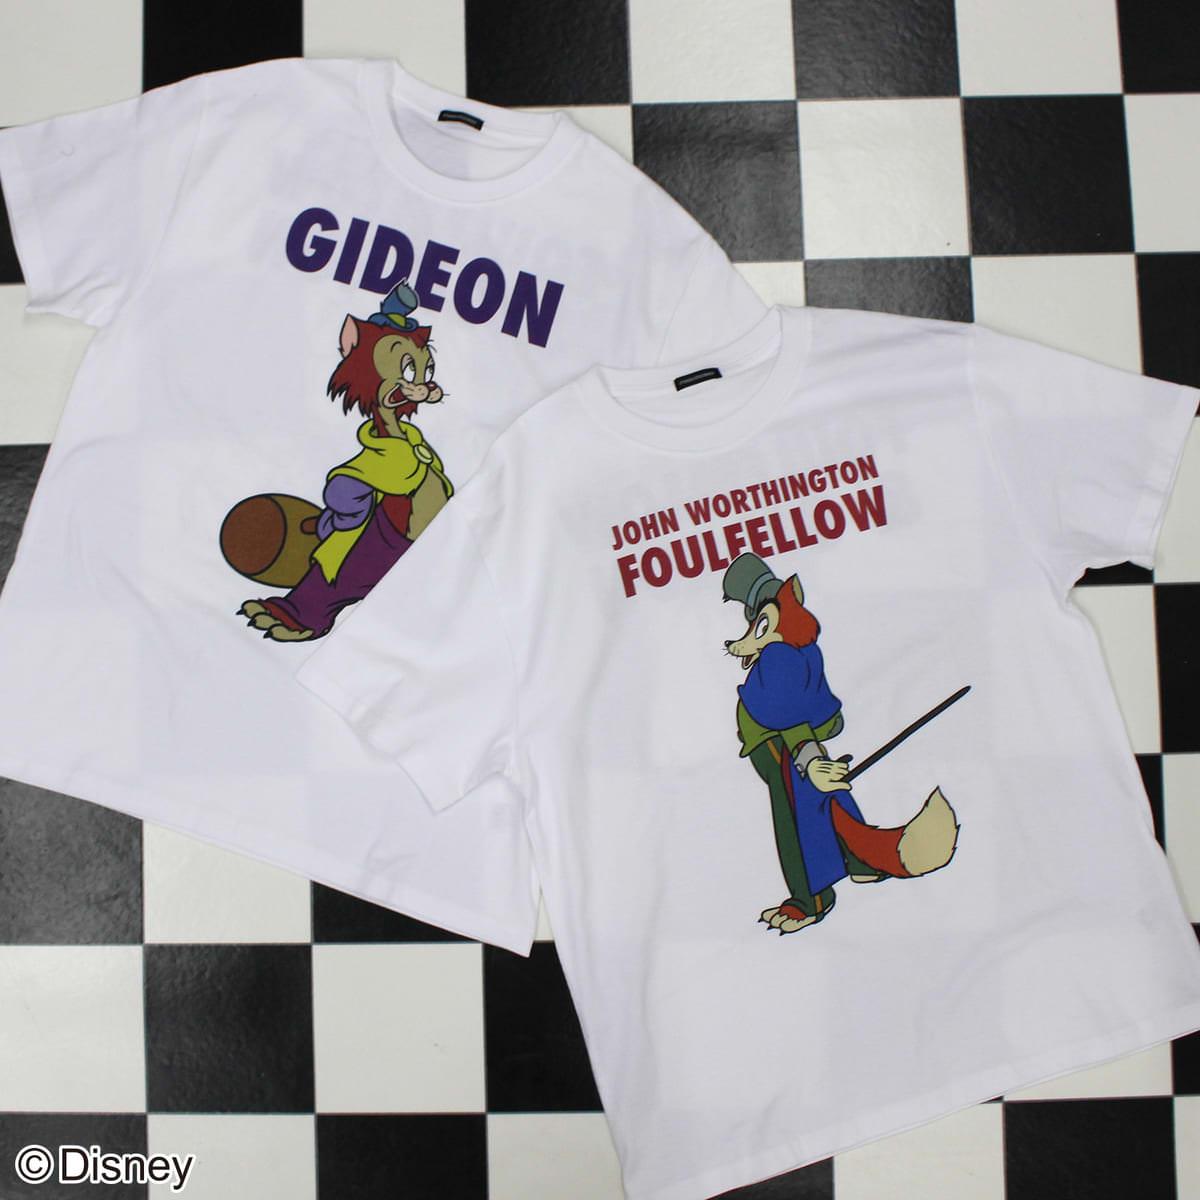 【ディズニー/ピノキオ】正直ジョン/Tシャツ、ギデオン/Tシャツ